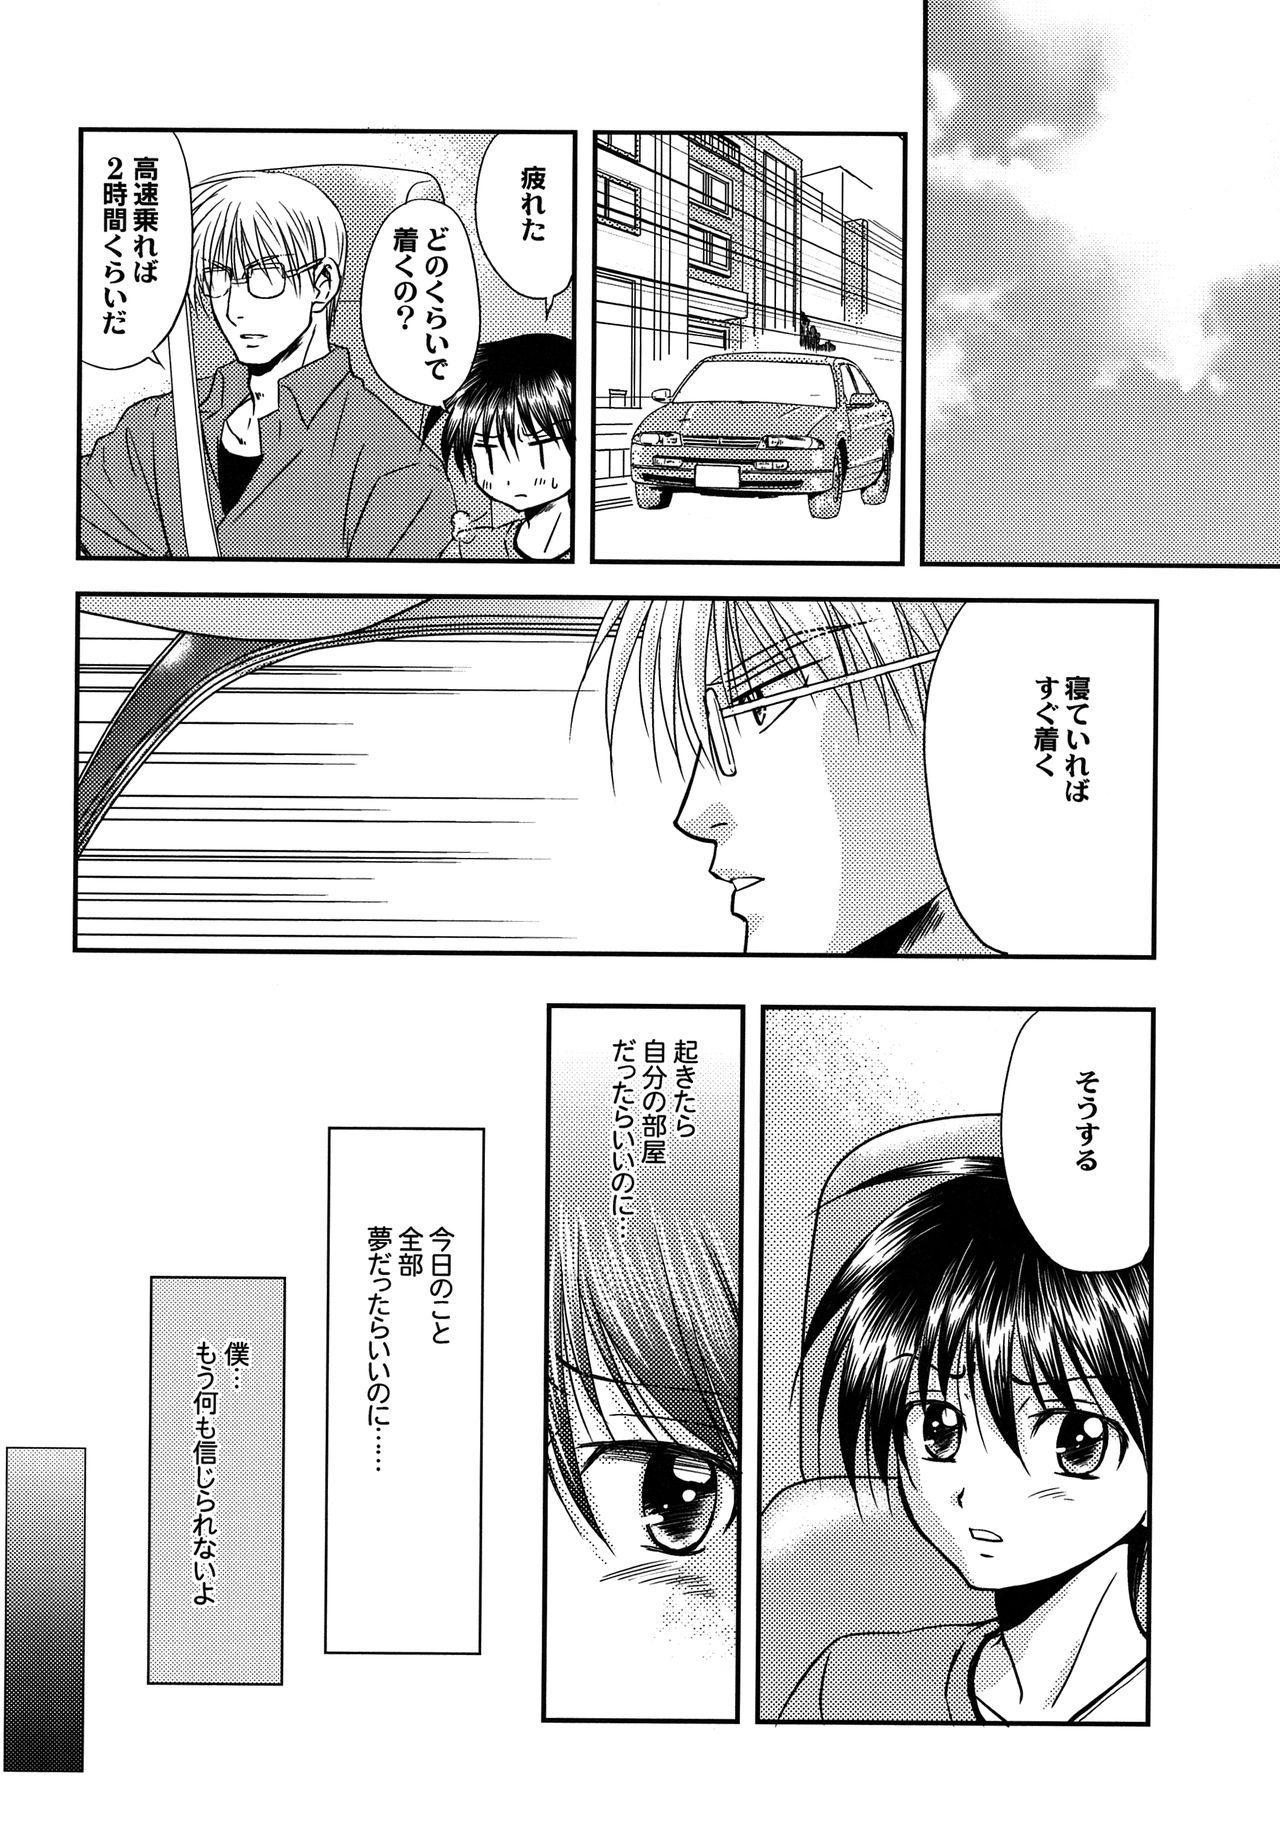 Bishounen Kinbaku Nisshi 13 4